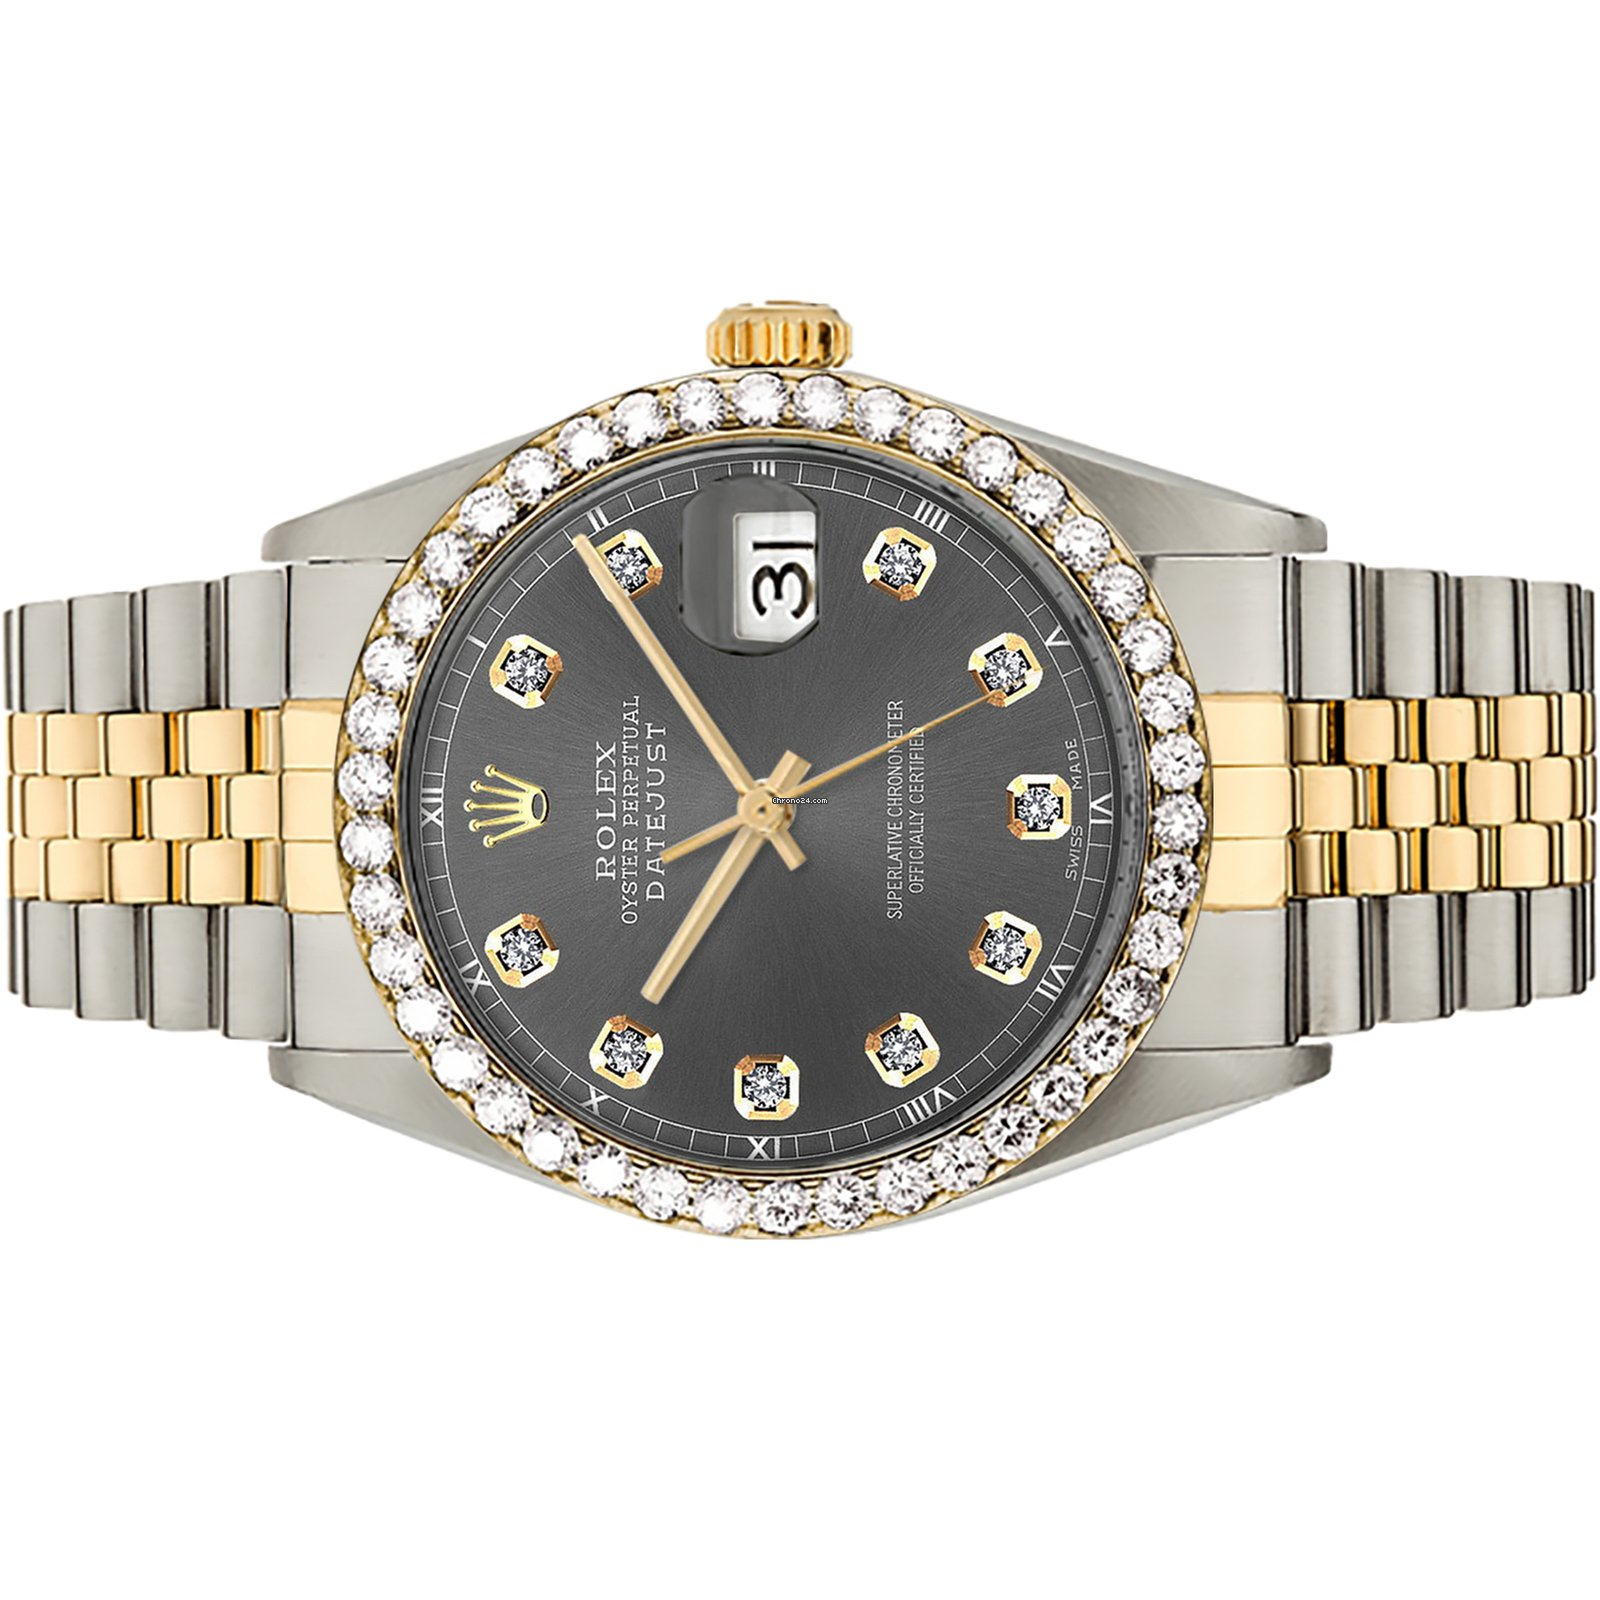 23144441da29 Rolex Diamond Datejust Two-Tone 18K Grey Custom Dial Bezel 36mm en venta  por 5.384 € por parte de un Seller de Chrono24